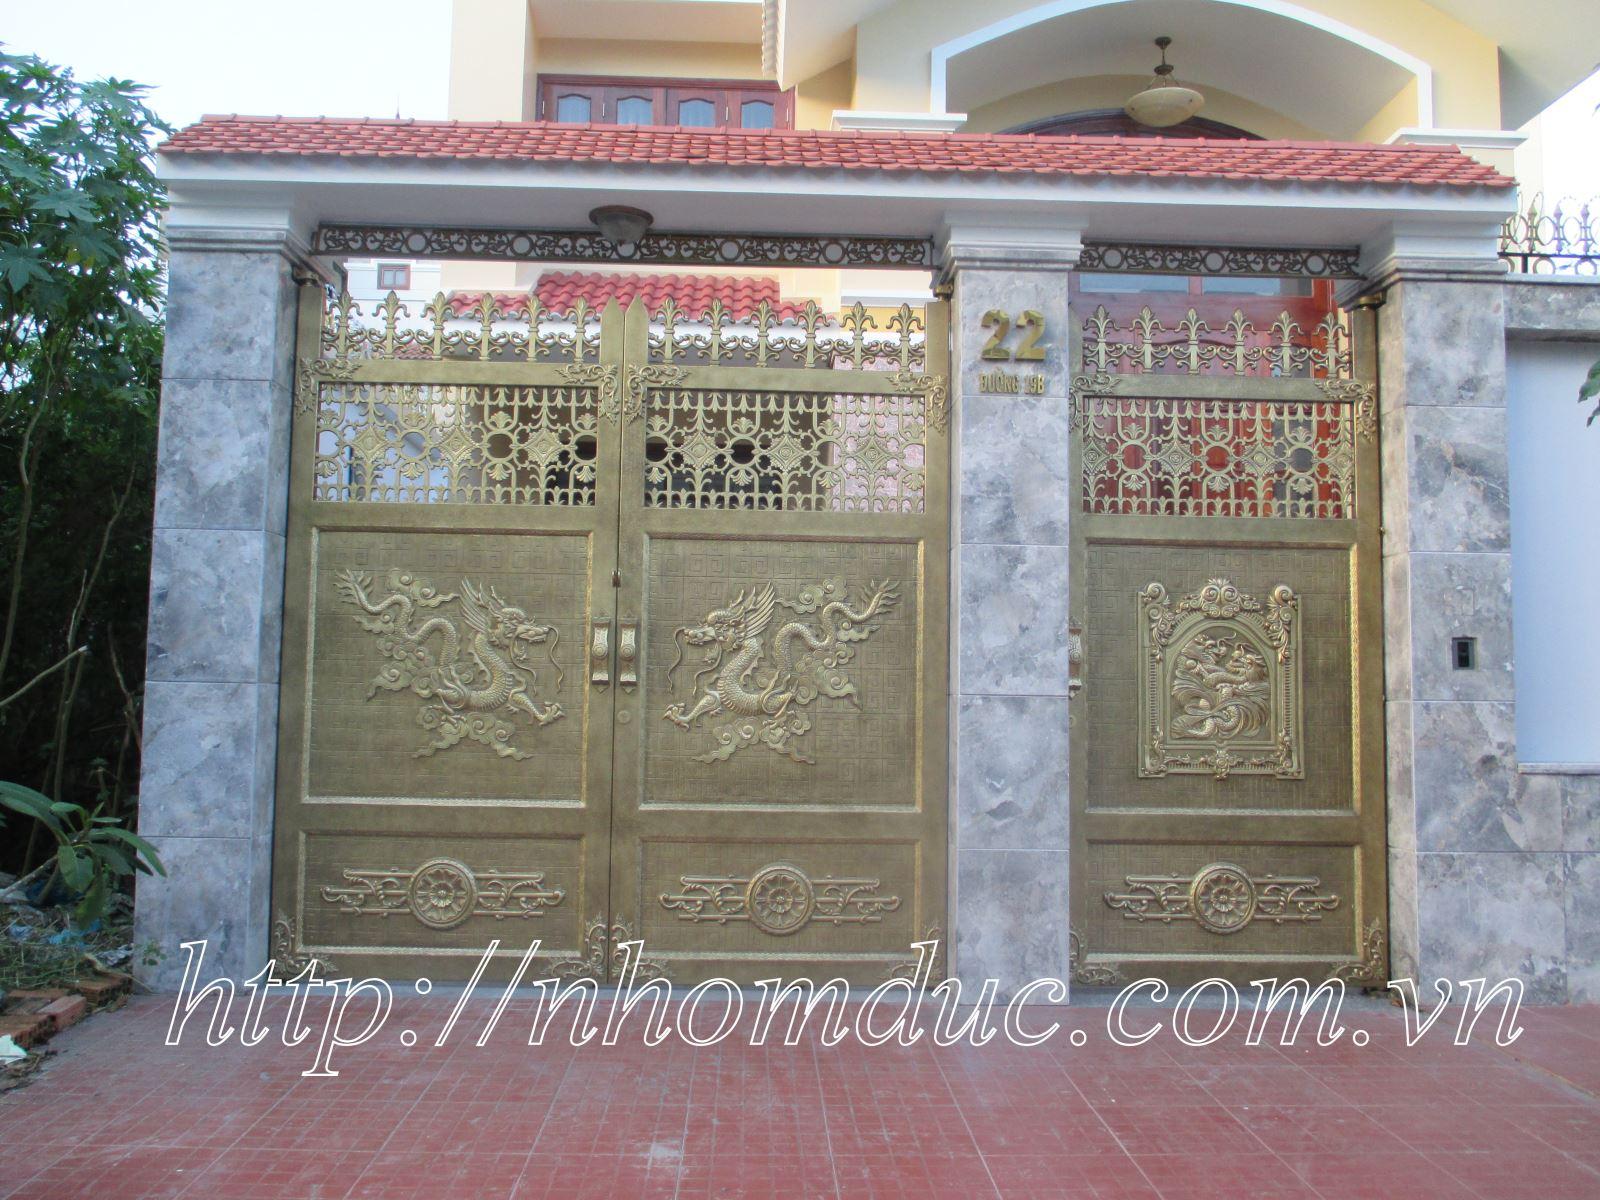 Cửa nhôm đúc, Là Loại cửa đúc bằng hợp kim nhôm, bền đẹp,mẫu mã sang trọng, cửa. Trang chủ sản phẩm Sản phẩm nhôm đúc Cổng nhôm đúc biệt thự